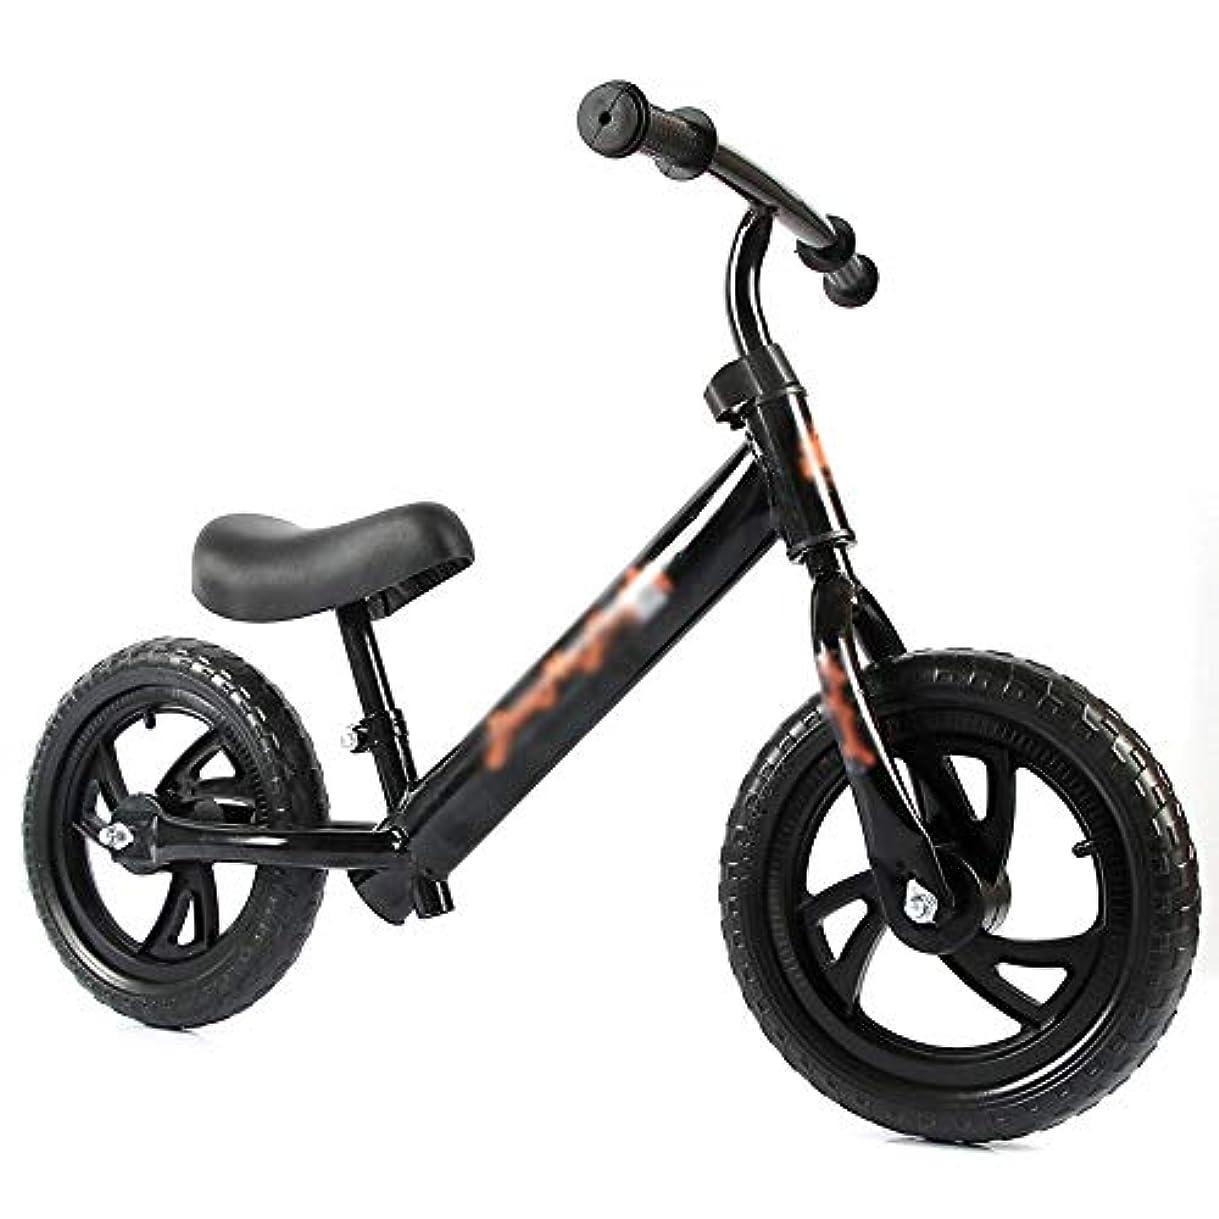 センター論争的ふざけたバランスバイク、ベアリングホイールセット、ガールアンドボーイスライディングステッパー、二輪スクーター、ペダルなし、2-6歳、(色:黒)